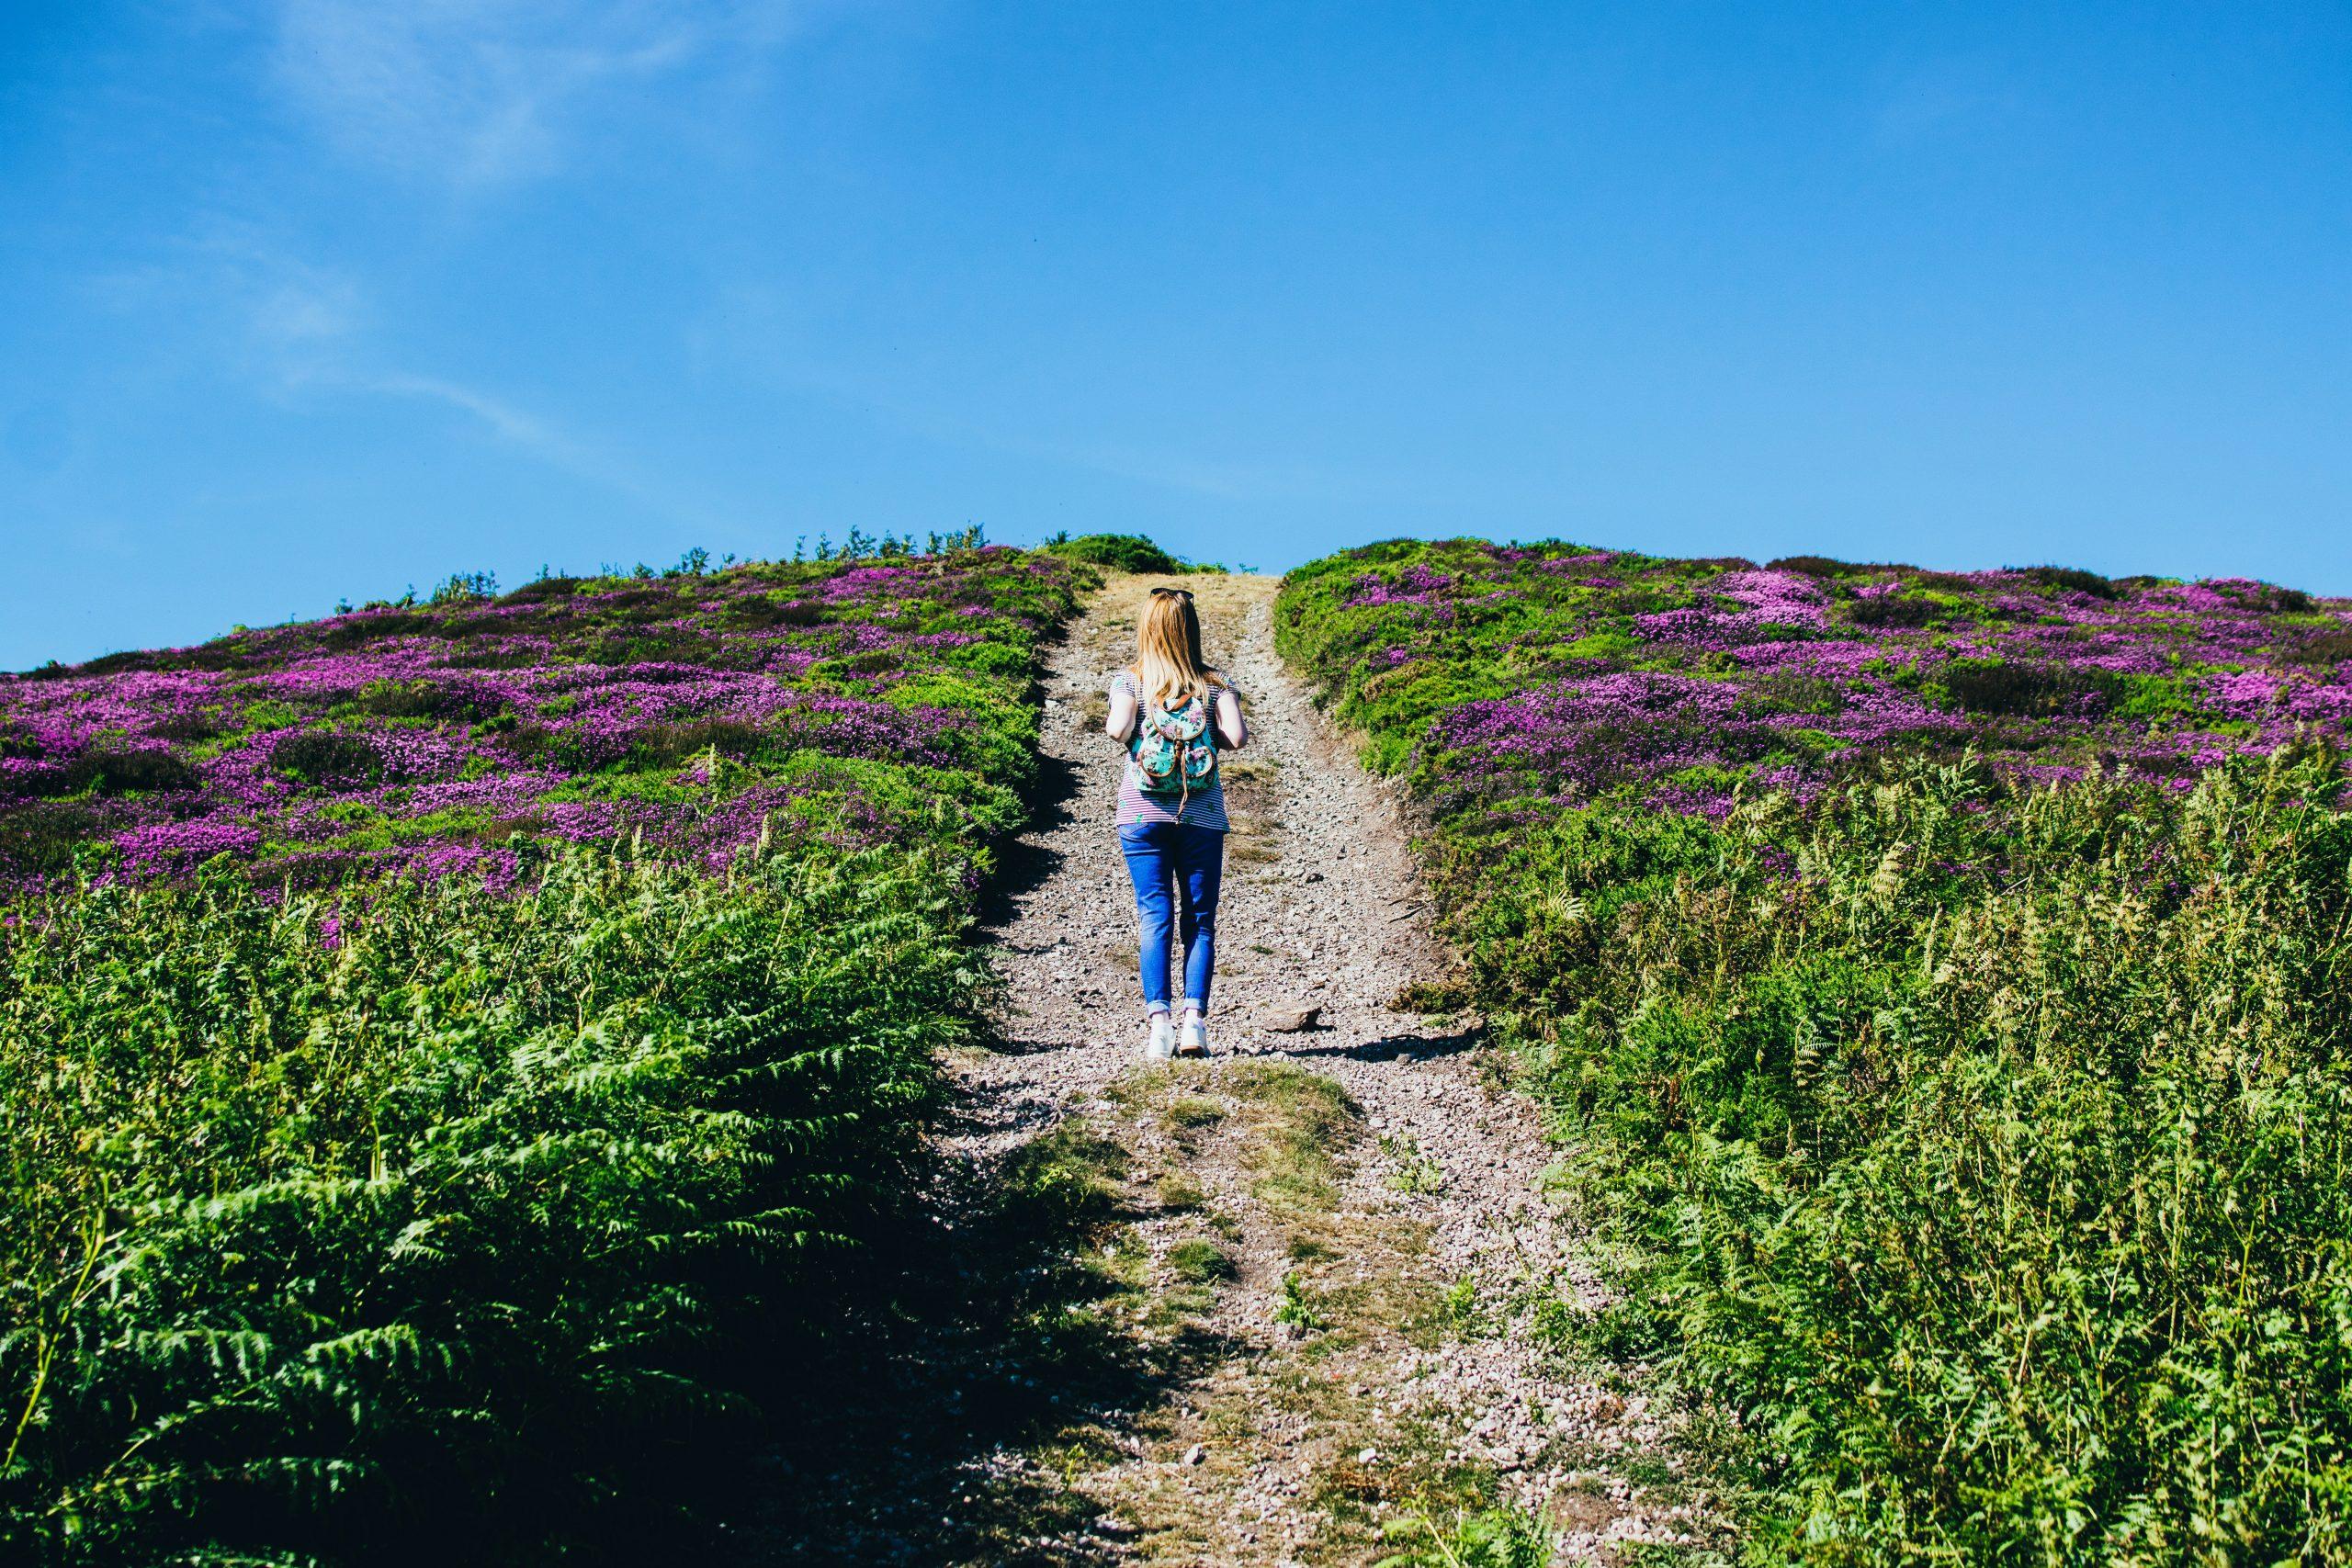 Deze zomer wandelen? Lees eerst Het Zoutpad van Raynor Winn